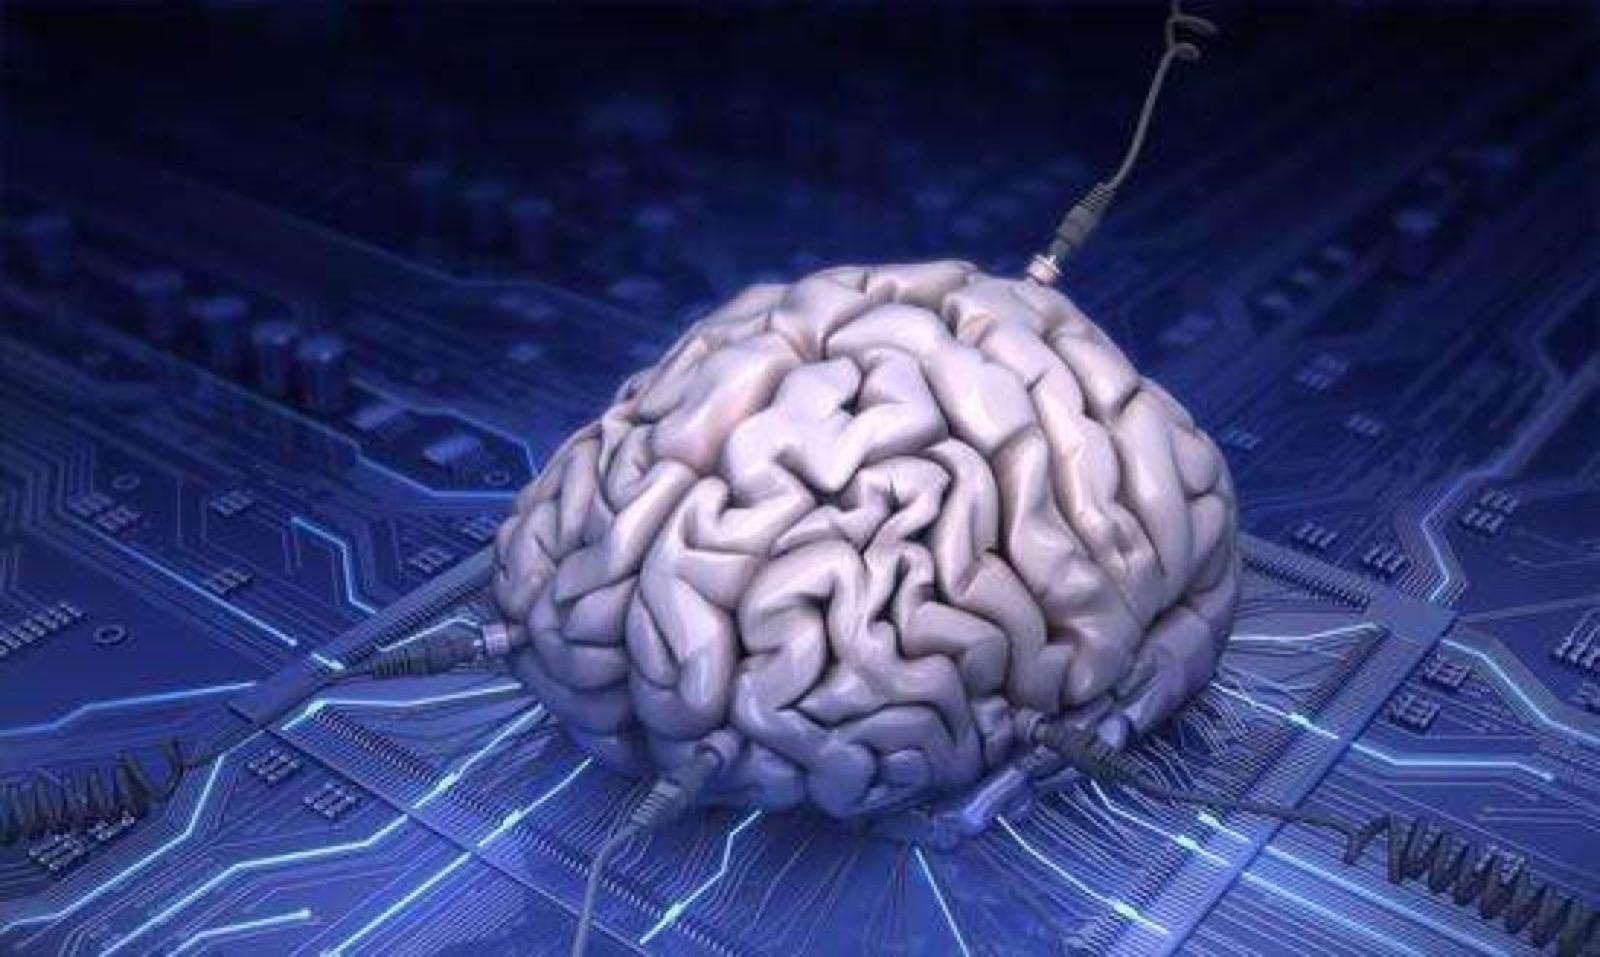 为什么我们越来越感受不到人工智能?因为它正在无处不在